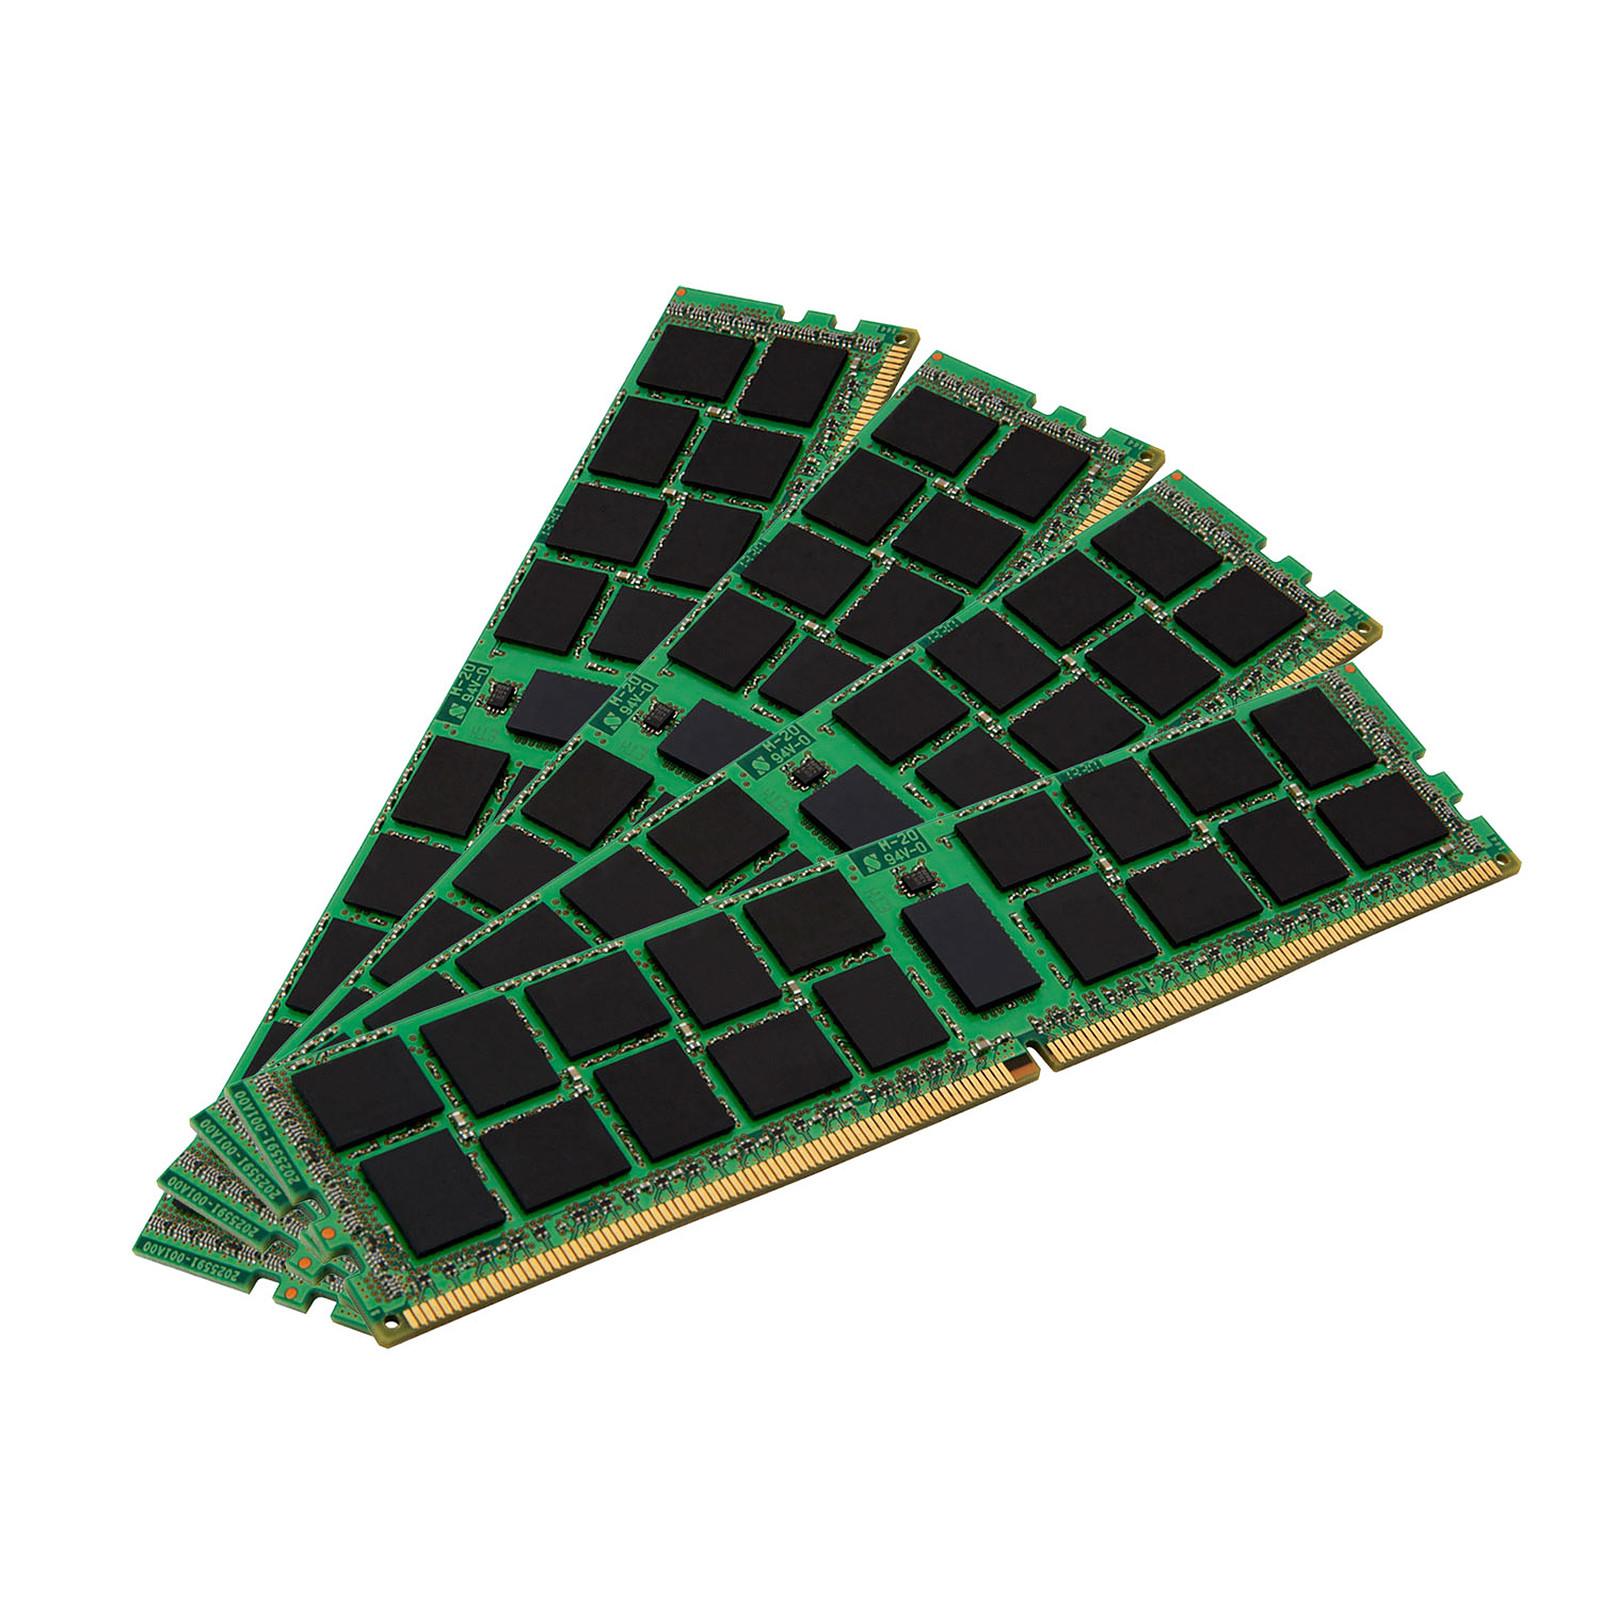 Kingston ValueRAM 32 Go (4 x 8 Go) DDR4 2400 MHz ECC Registered CL17 SR X8